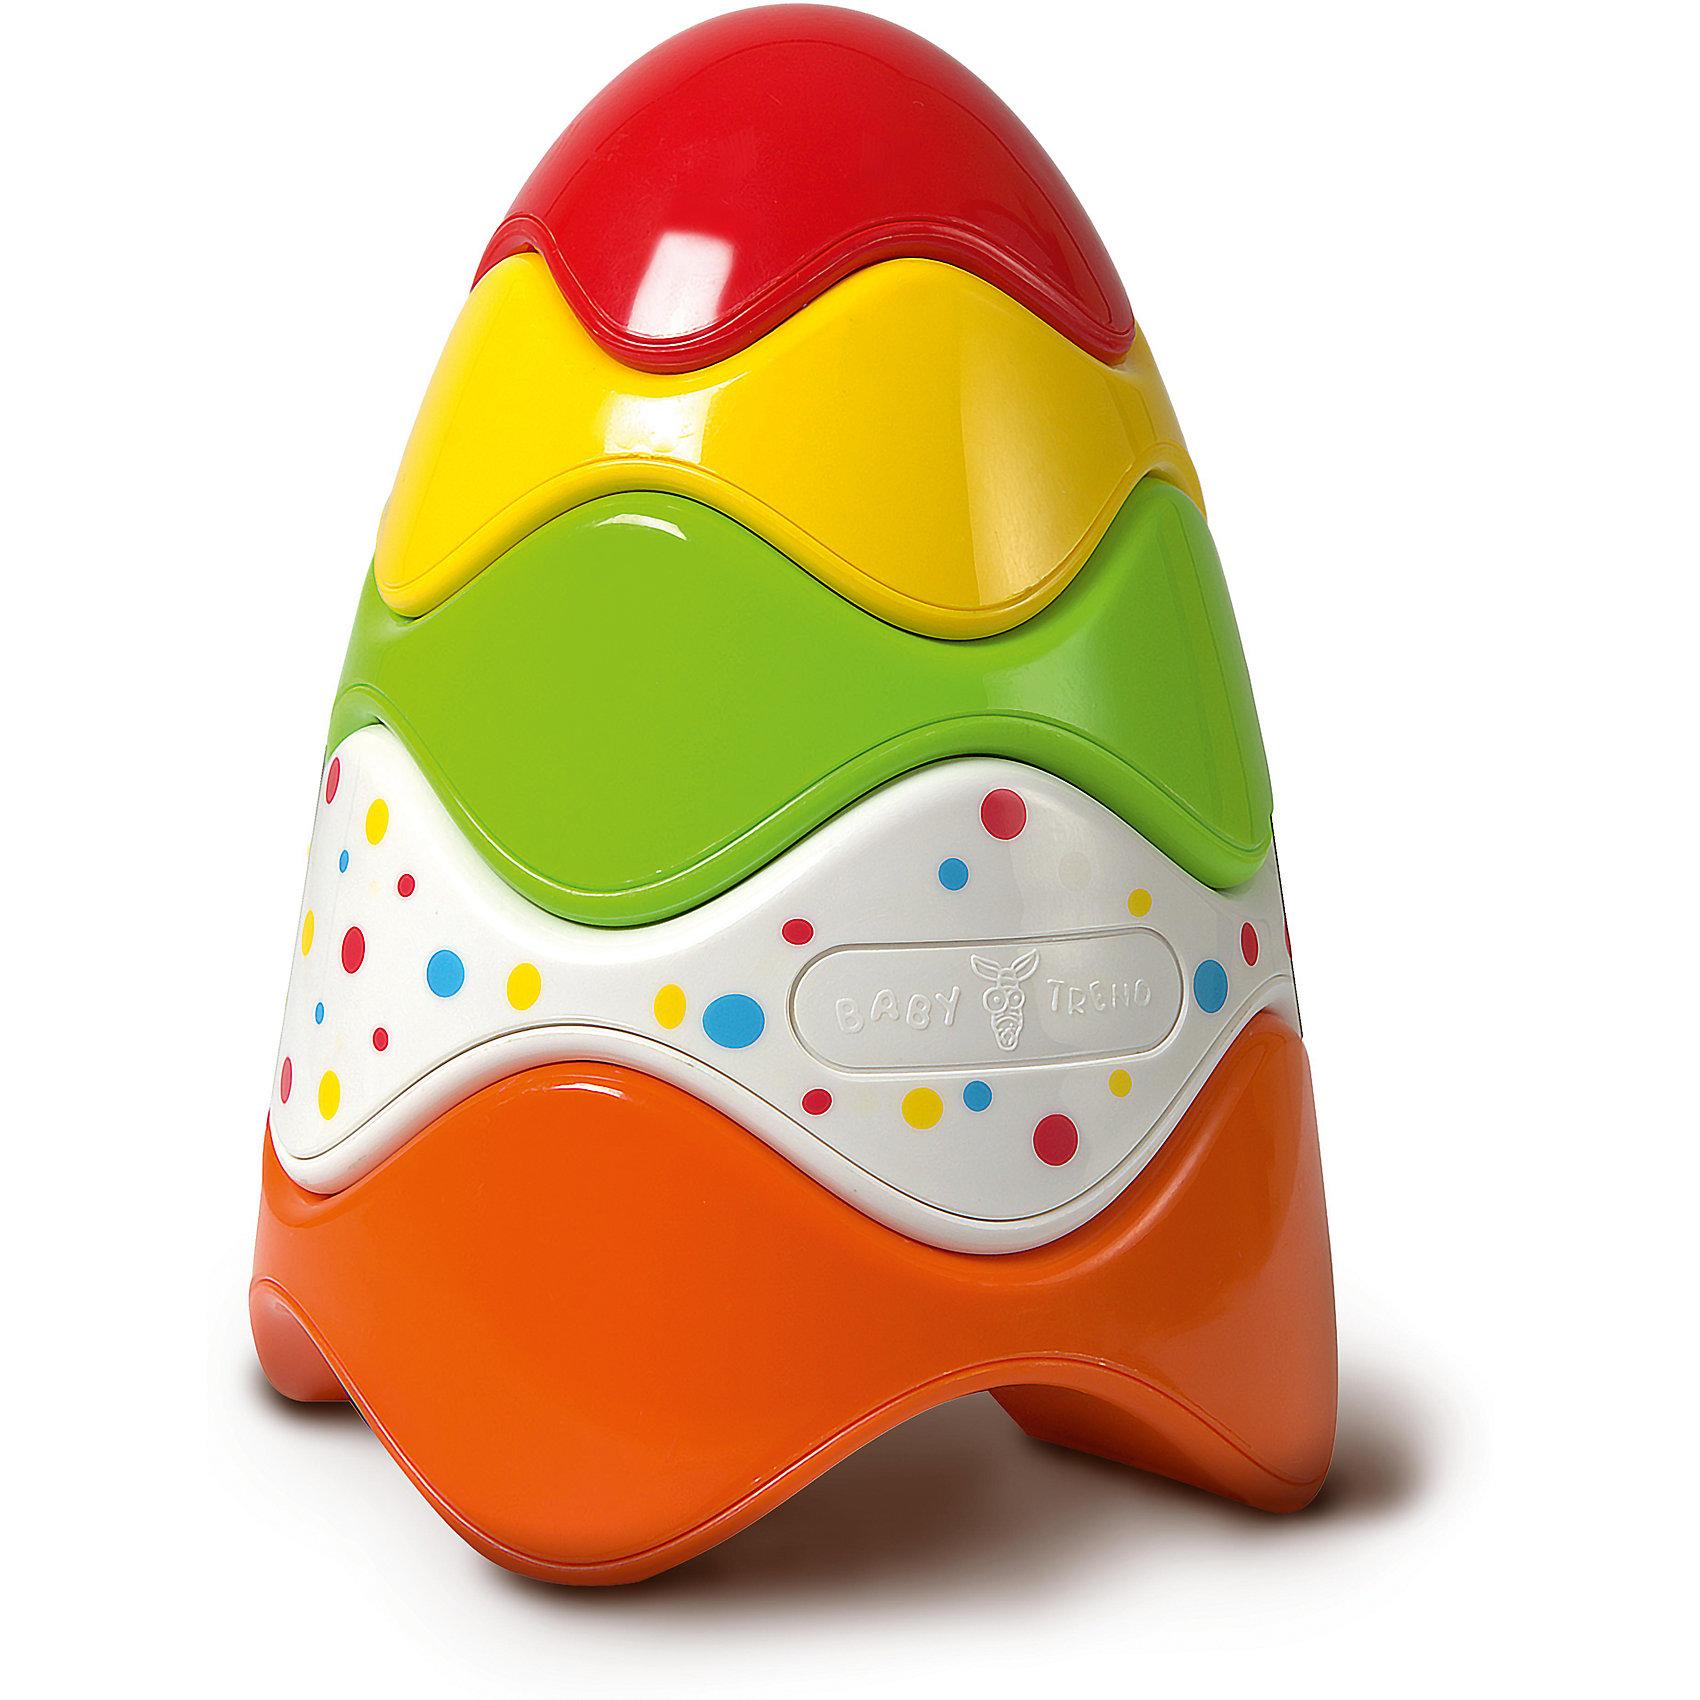 Пирамидка Baby TrendПирамидки<br>Характеристики:<br><br>• возраст: от 1 года<br>• количество элементов: 5<br>• материал: пластик<br>• размер игрушки: 18х13 см.<br>• размер упаковки: 21х14х14 см.<br>• вес: 153 гр.<br><br>Яркая разноцветная пирамидка с колечками необычной формы – отличная развивающая игрушка для самых маленьких. Благодаря уникальной форме колечек пирамидка собирается без стержня-подставки, при этом разноцветные колечки можно складывать в любом порядке. Пирамидку удобно собирать маленькими ручками.<br><br>Пирамидка от Baby Trend (Беби Тренд) развивает моторику, цветовое восприятие, логические навыки, знакомит малышей со свойствами предметов и их величиной.<br><br>Пирамидку, Baby Trend (Беби Тренд) можно купить в нашем интернет-магазине.<br><br>Ширина мм: 140<br>Глубина мм: 205<br>Высота мм: 140<br>Вес г: 153<br>Возраст от месяцев: 12<br>Возраст до месяцев: 2147483647<br>Пол: Унисекс<br>Возраст: Детский<br>SKU: 6872168